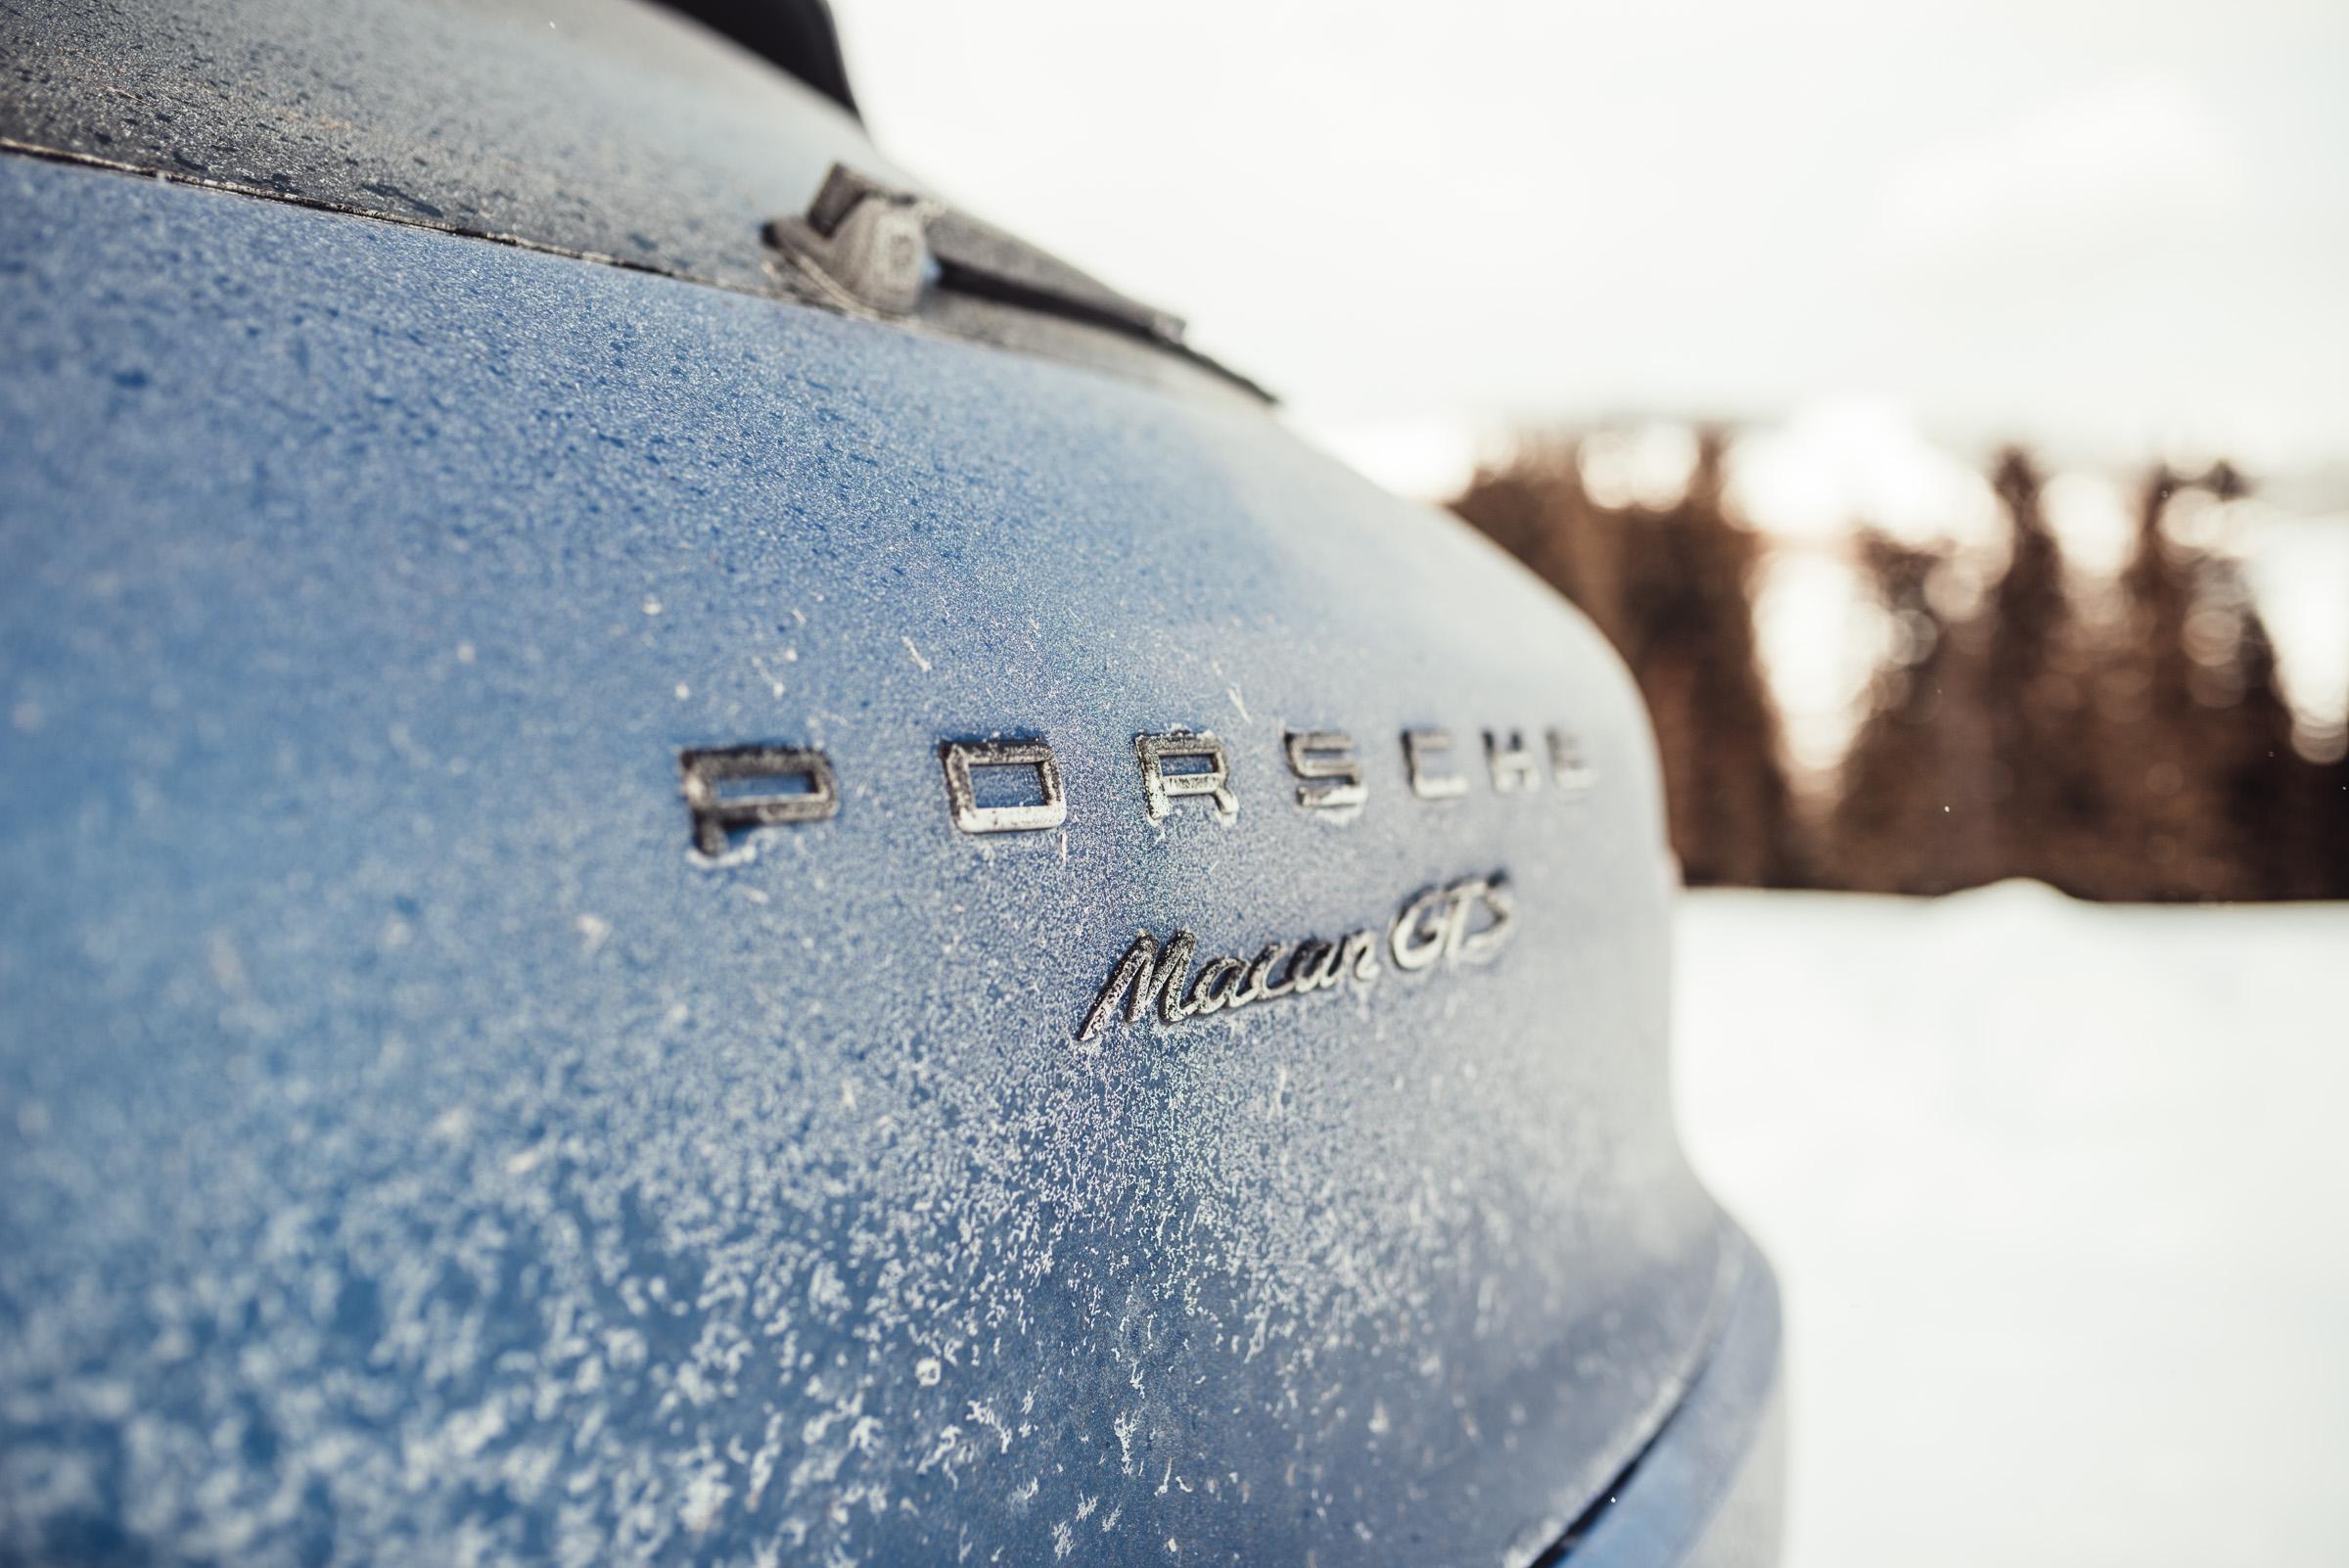 Tommeezjerry-Lifestyleblog-Fashionblog-Maennermodeblog-Maennerblog-Modeblog-Porsche-Macan-GTS-Roadtrip-Seiser-Alm-Porsche-Lifestyle-Winter-Winterwonderland